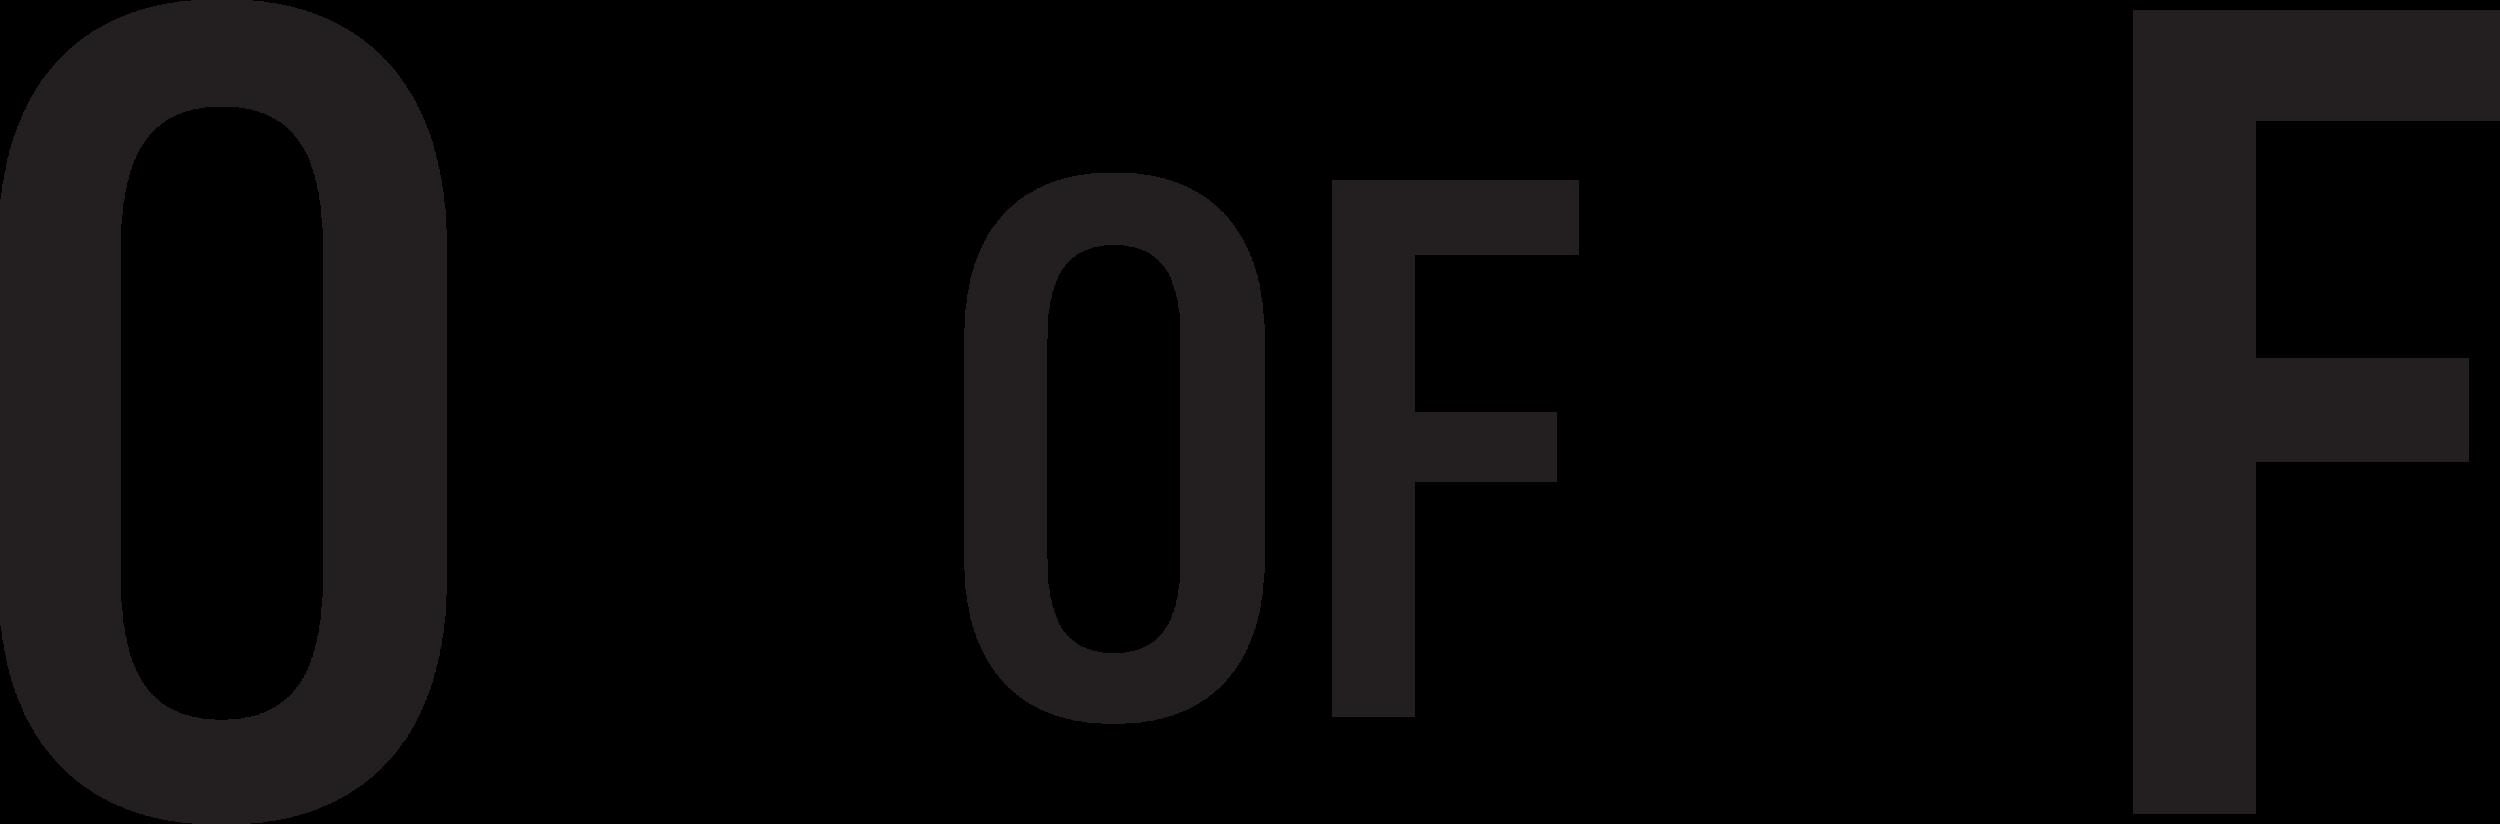 OofF_logo_filledblack.png